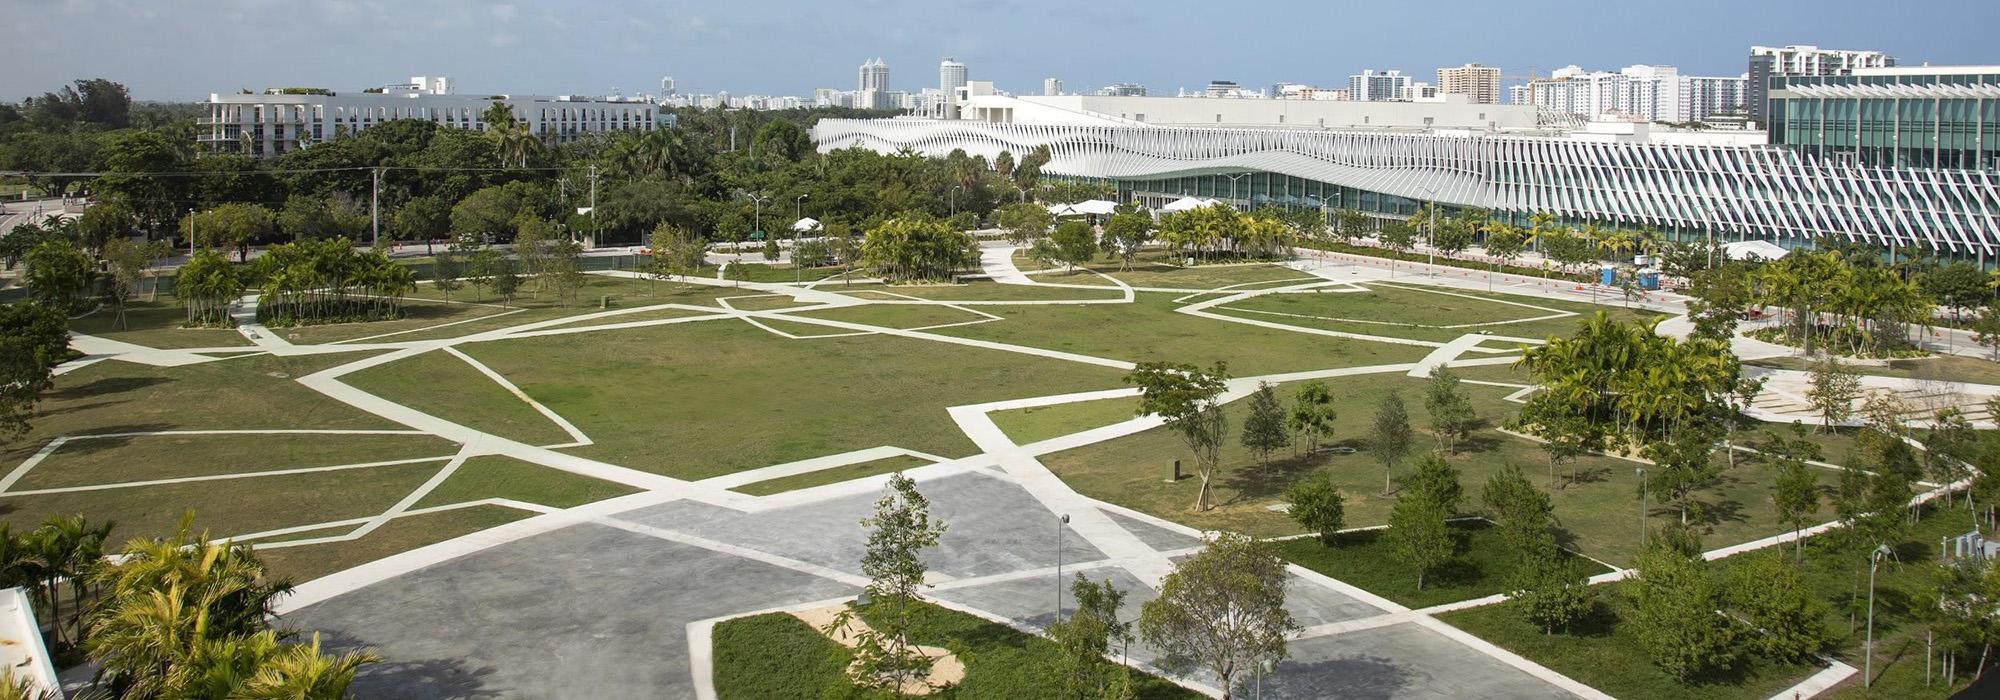 FL_Miami_ByRobinHill-courtseyWest8_2020_012-hero.jpg